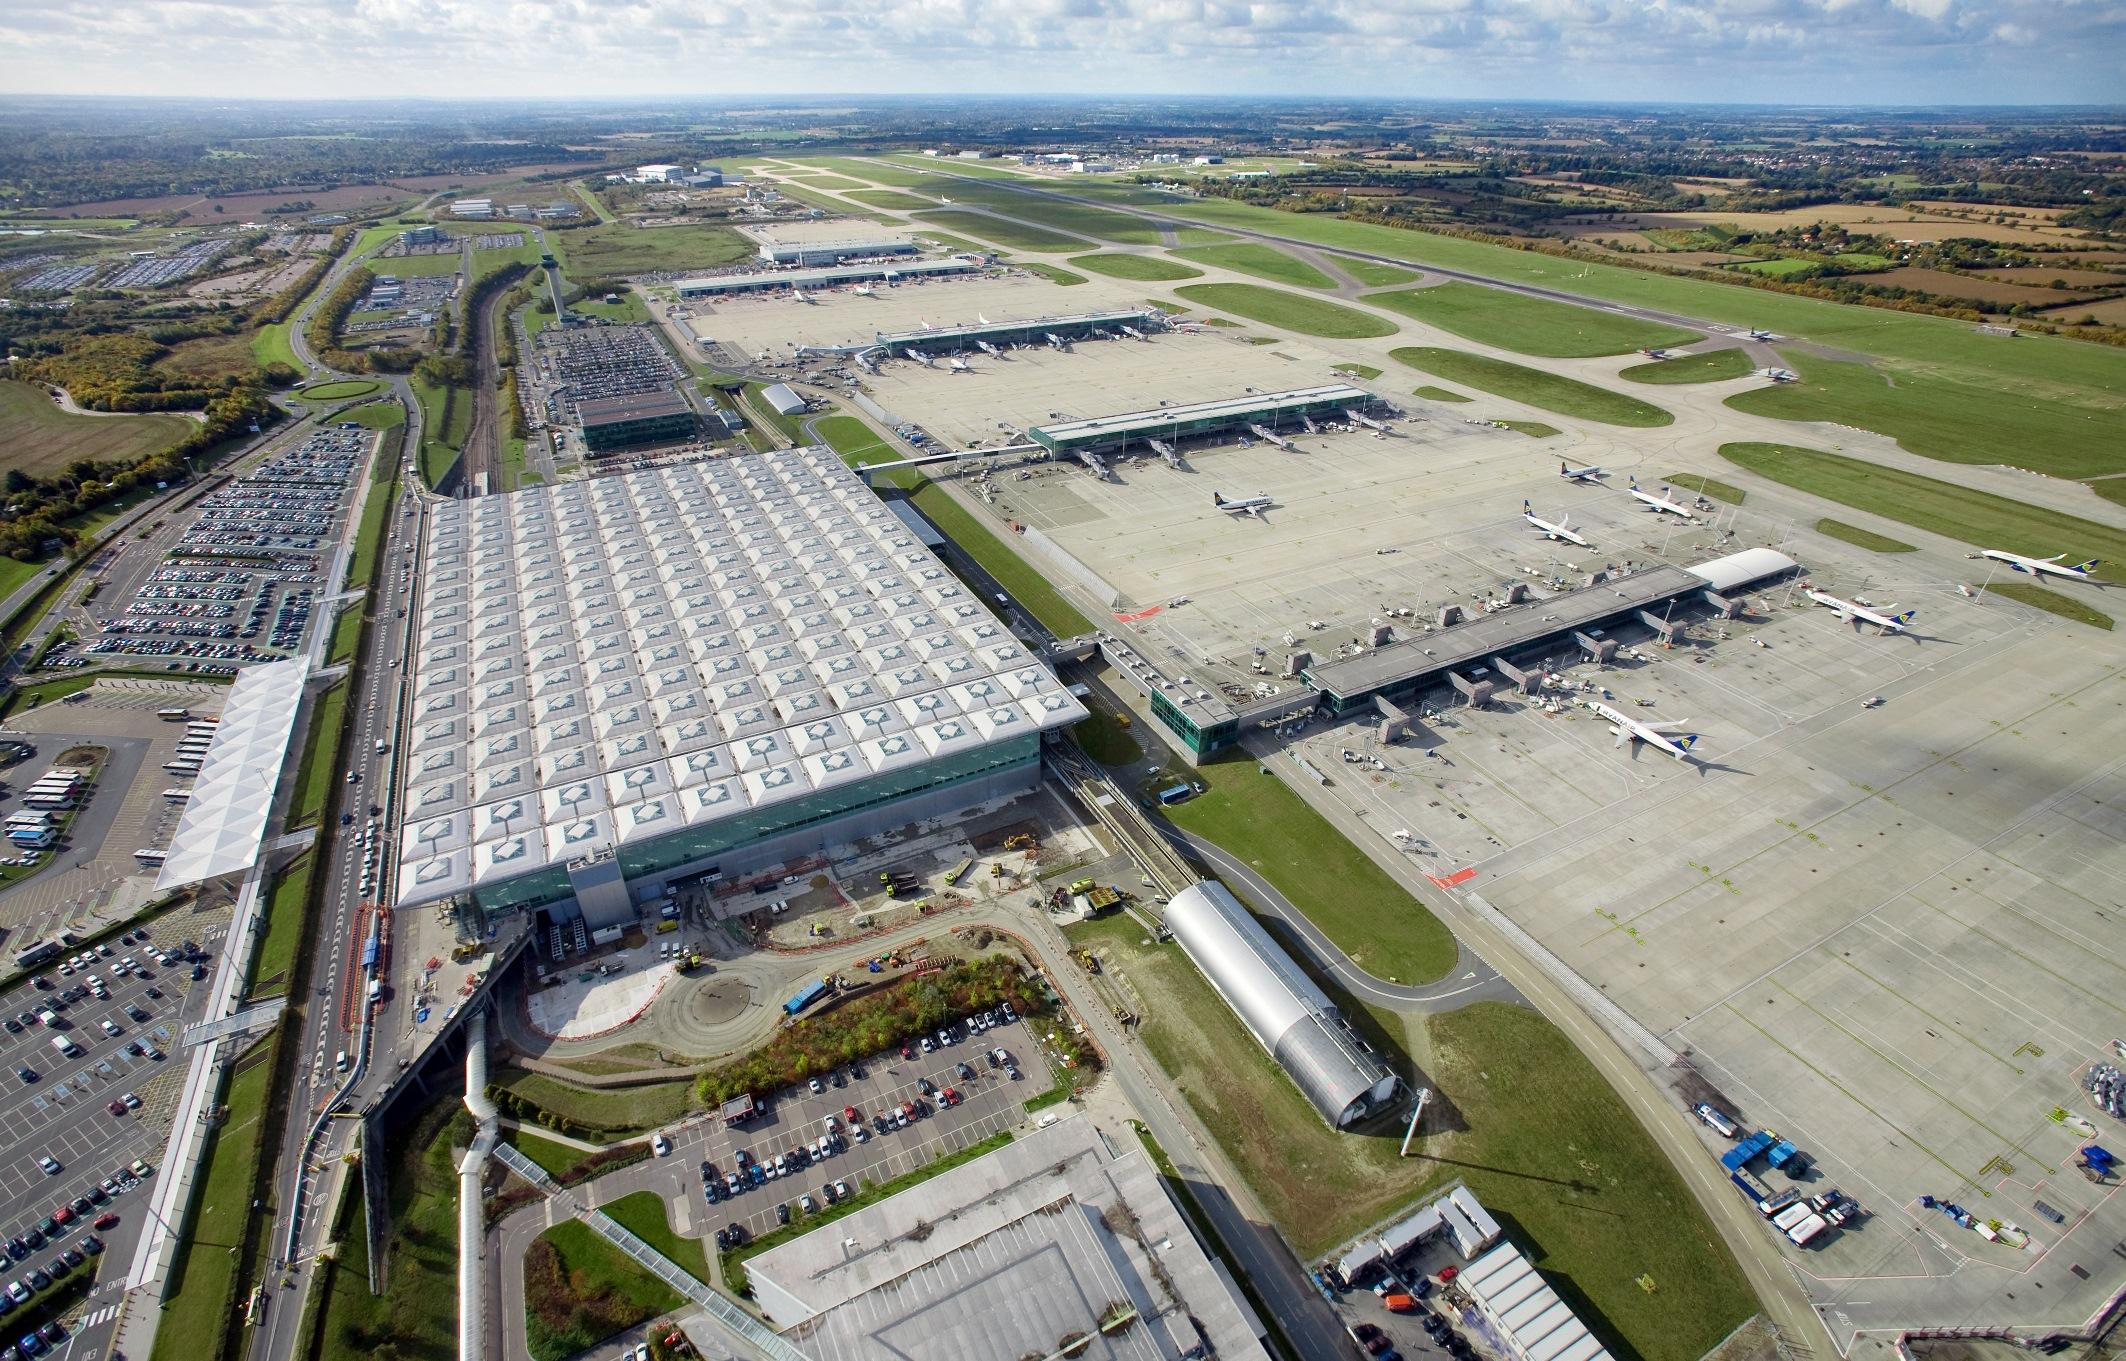 Luftfoto af Stansted-lufthavnen nord for London.